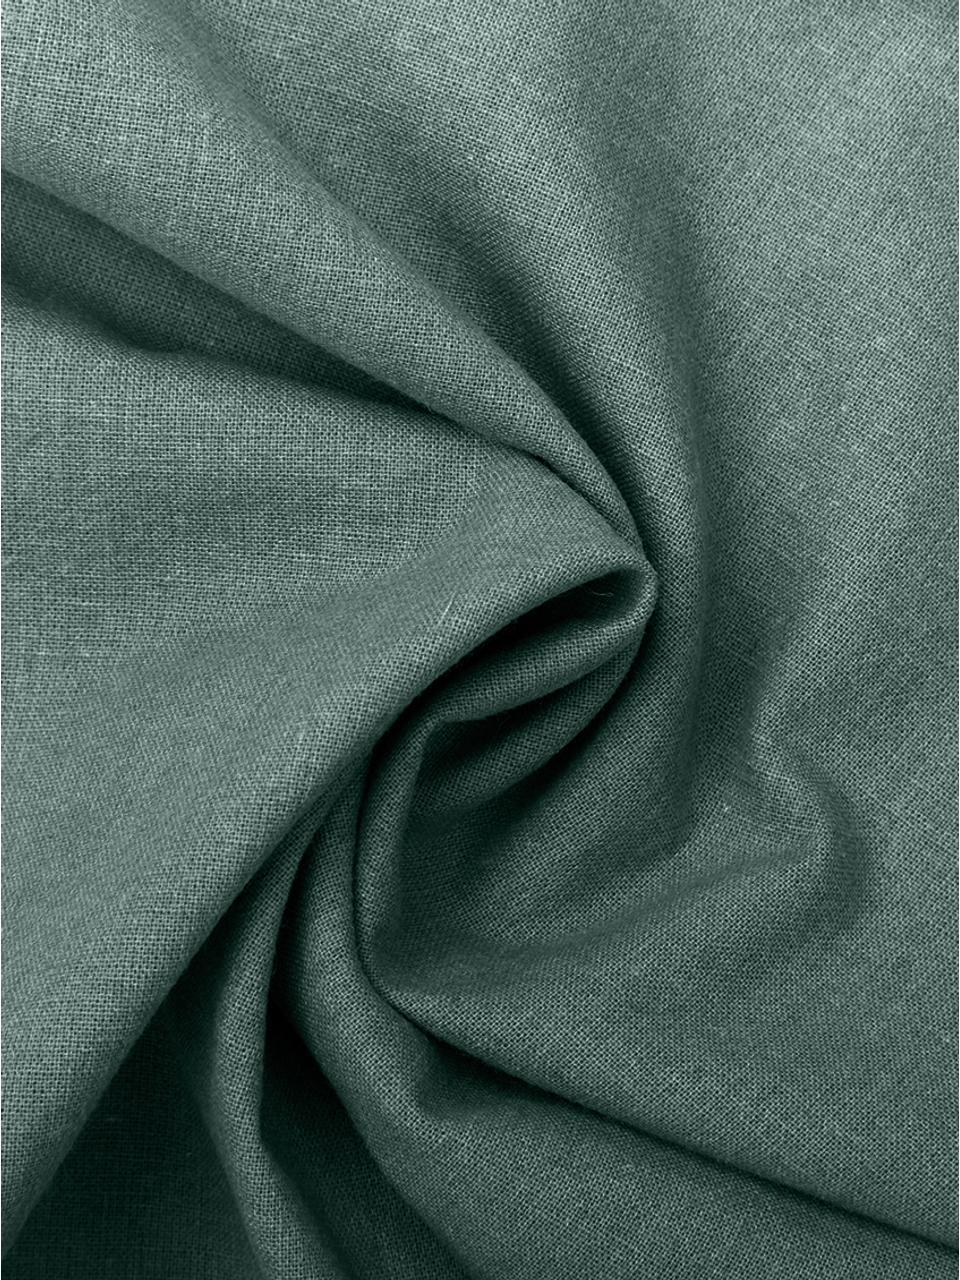 Gewaschene Baumwoll-Bettwäsche Arlene in Dunkelgrün, Webart: Renforcé Fadendichte 144 , Dunkelgrün, 155 x 220 cm + 1 Kissen 80 x 80 cm